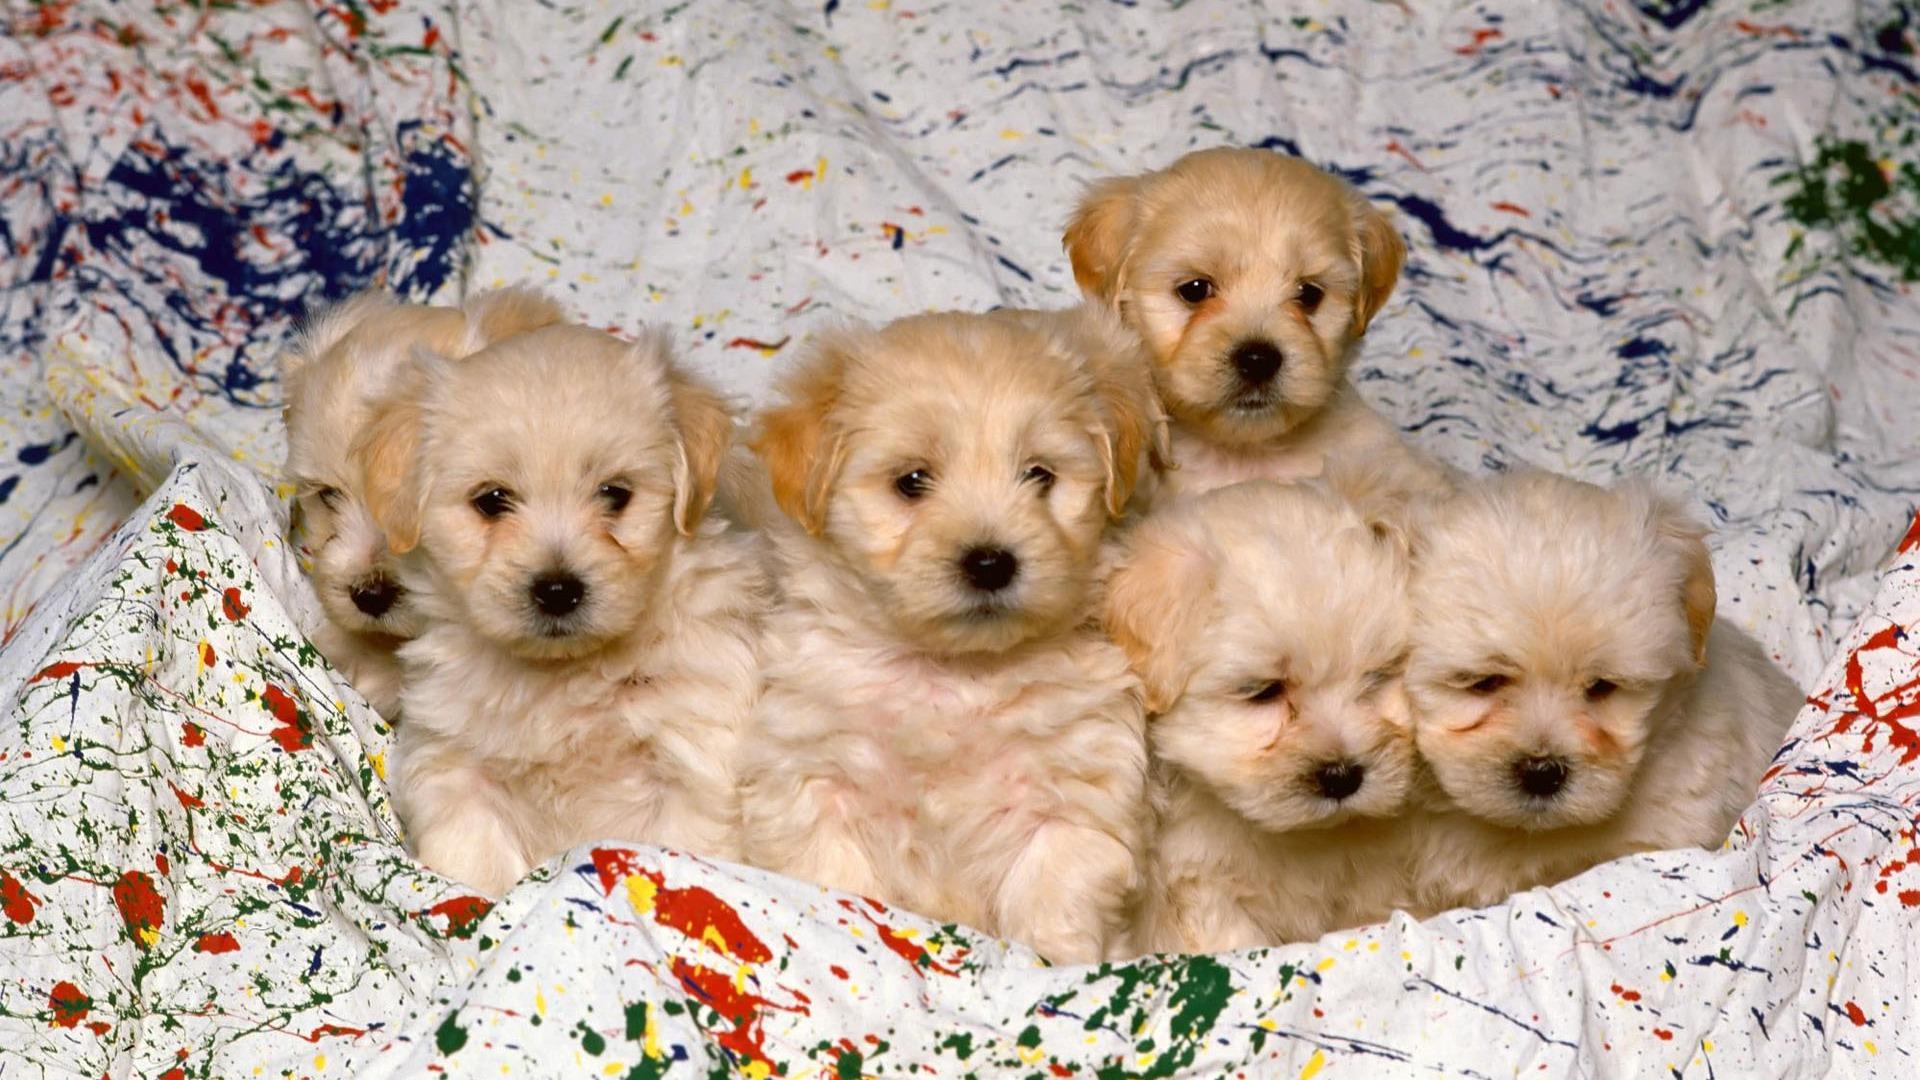 癒やし効果抜群!子犬の可愛い高画質画像まとめ!